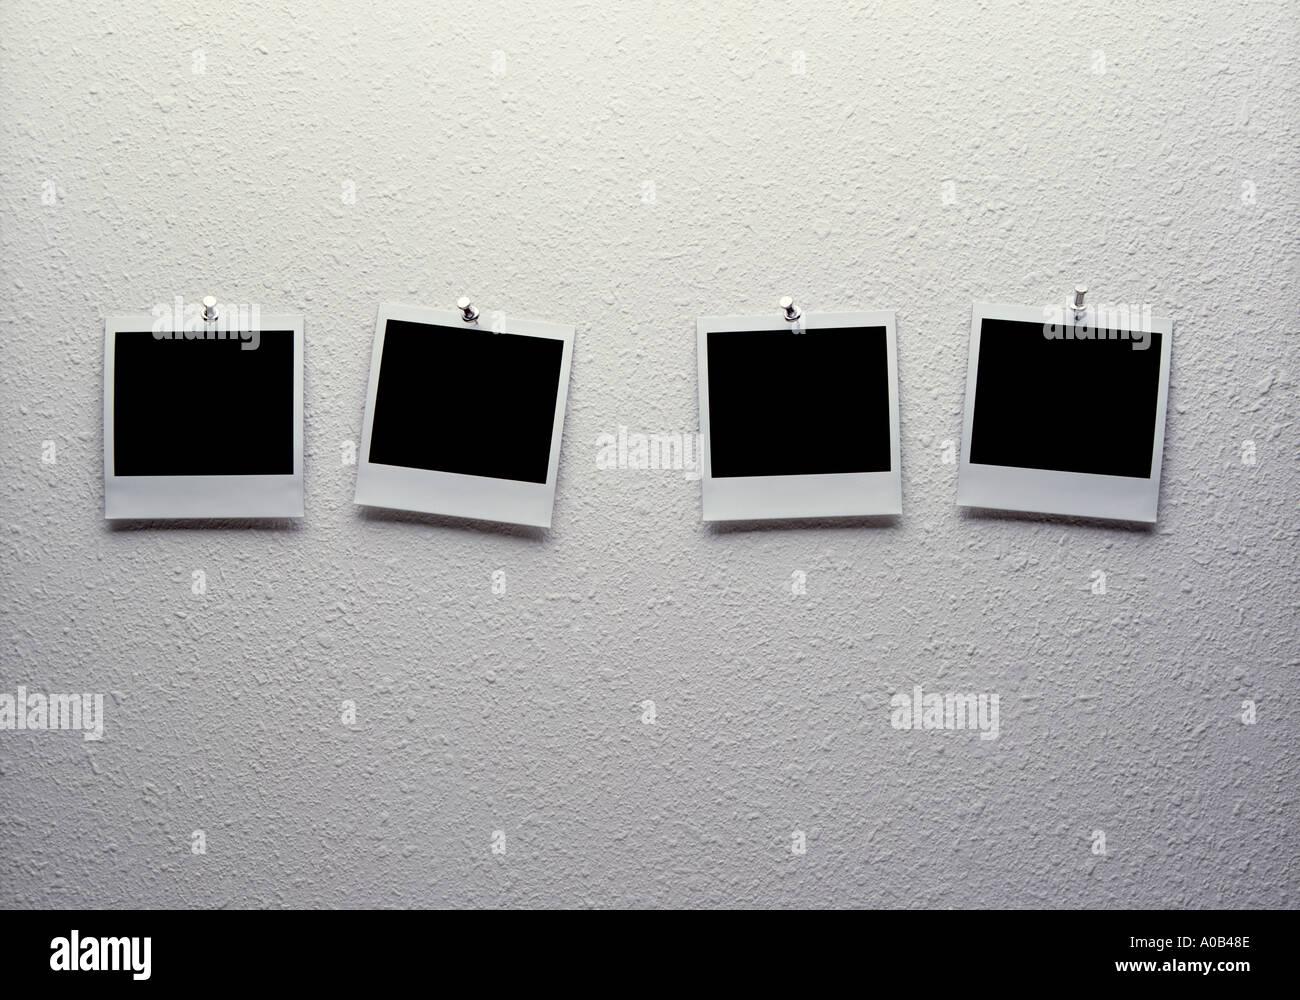 polaroids - Stock Image